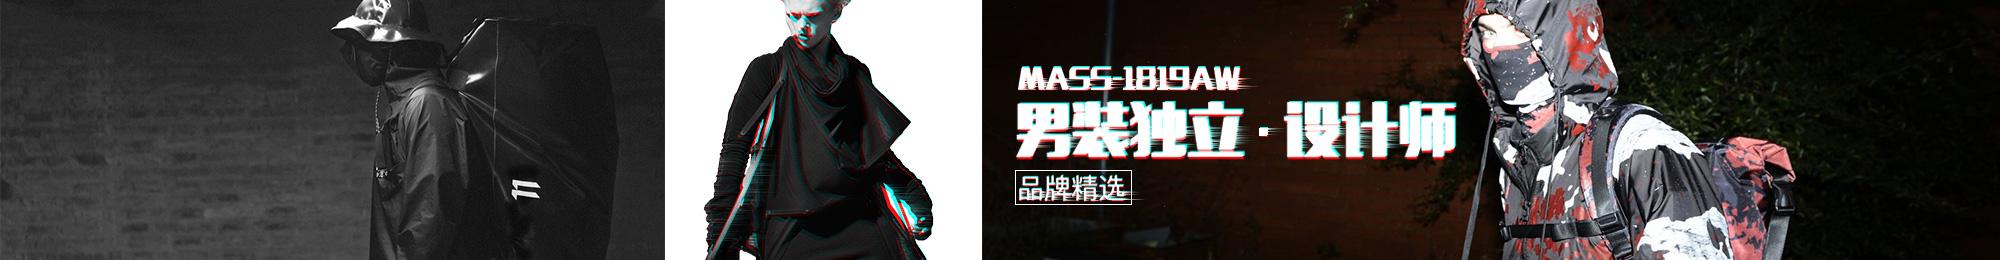 MASS-1819AW男裝獨立設計師品牌精選